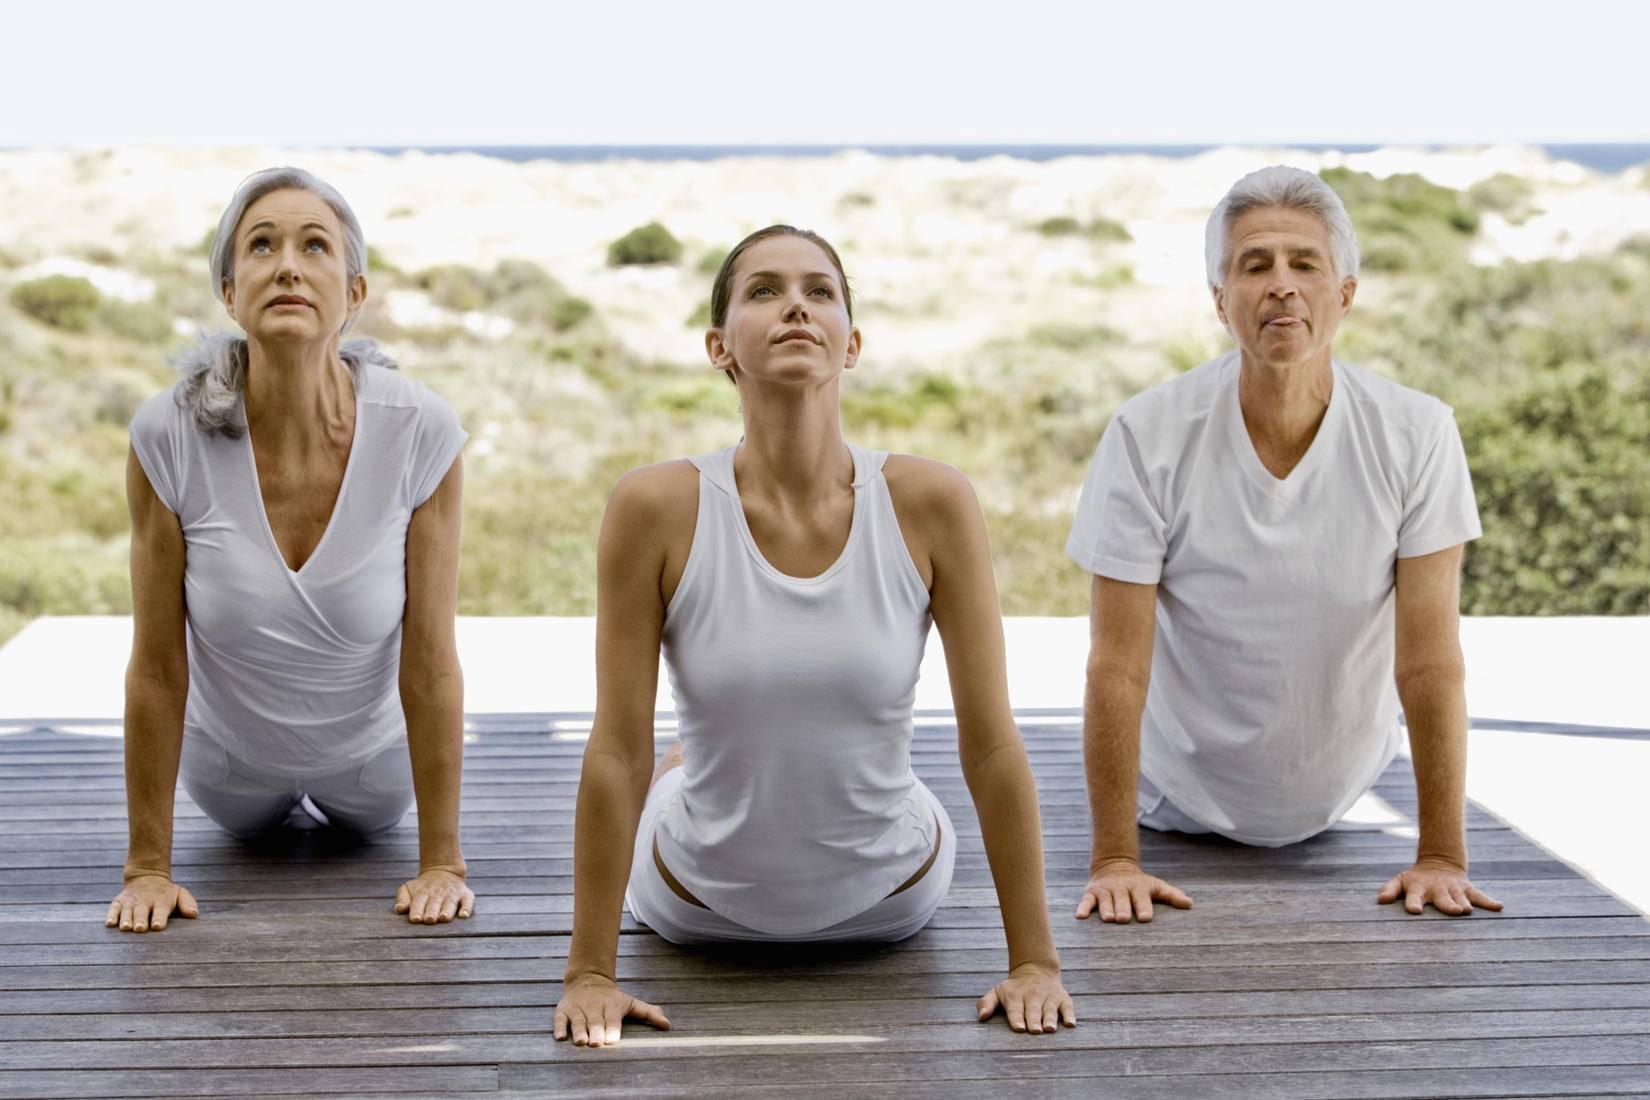 Йога для пожилых: 7 асан для хорошего самочувствия